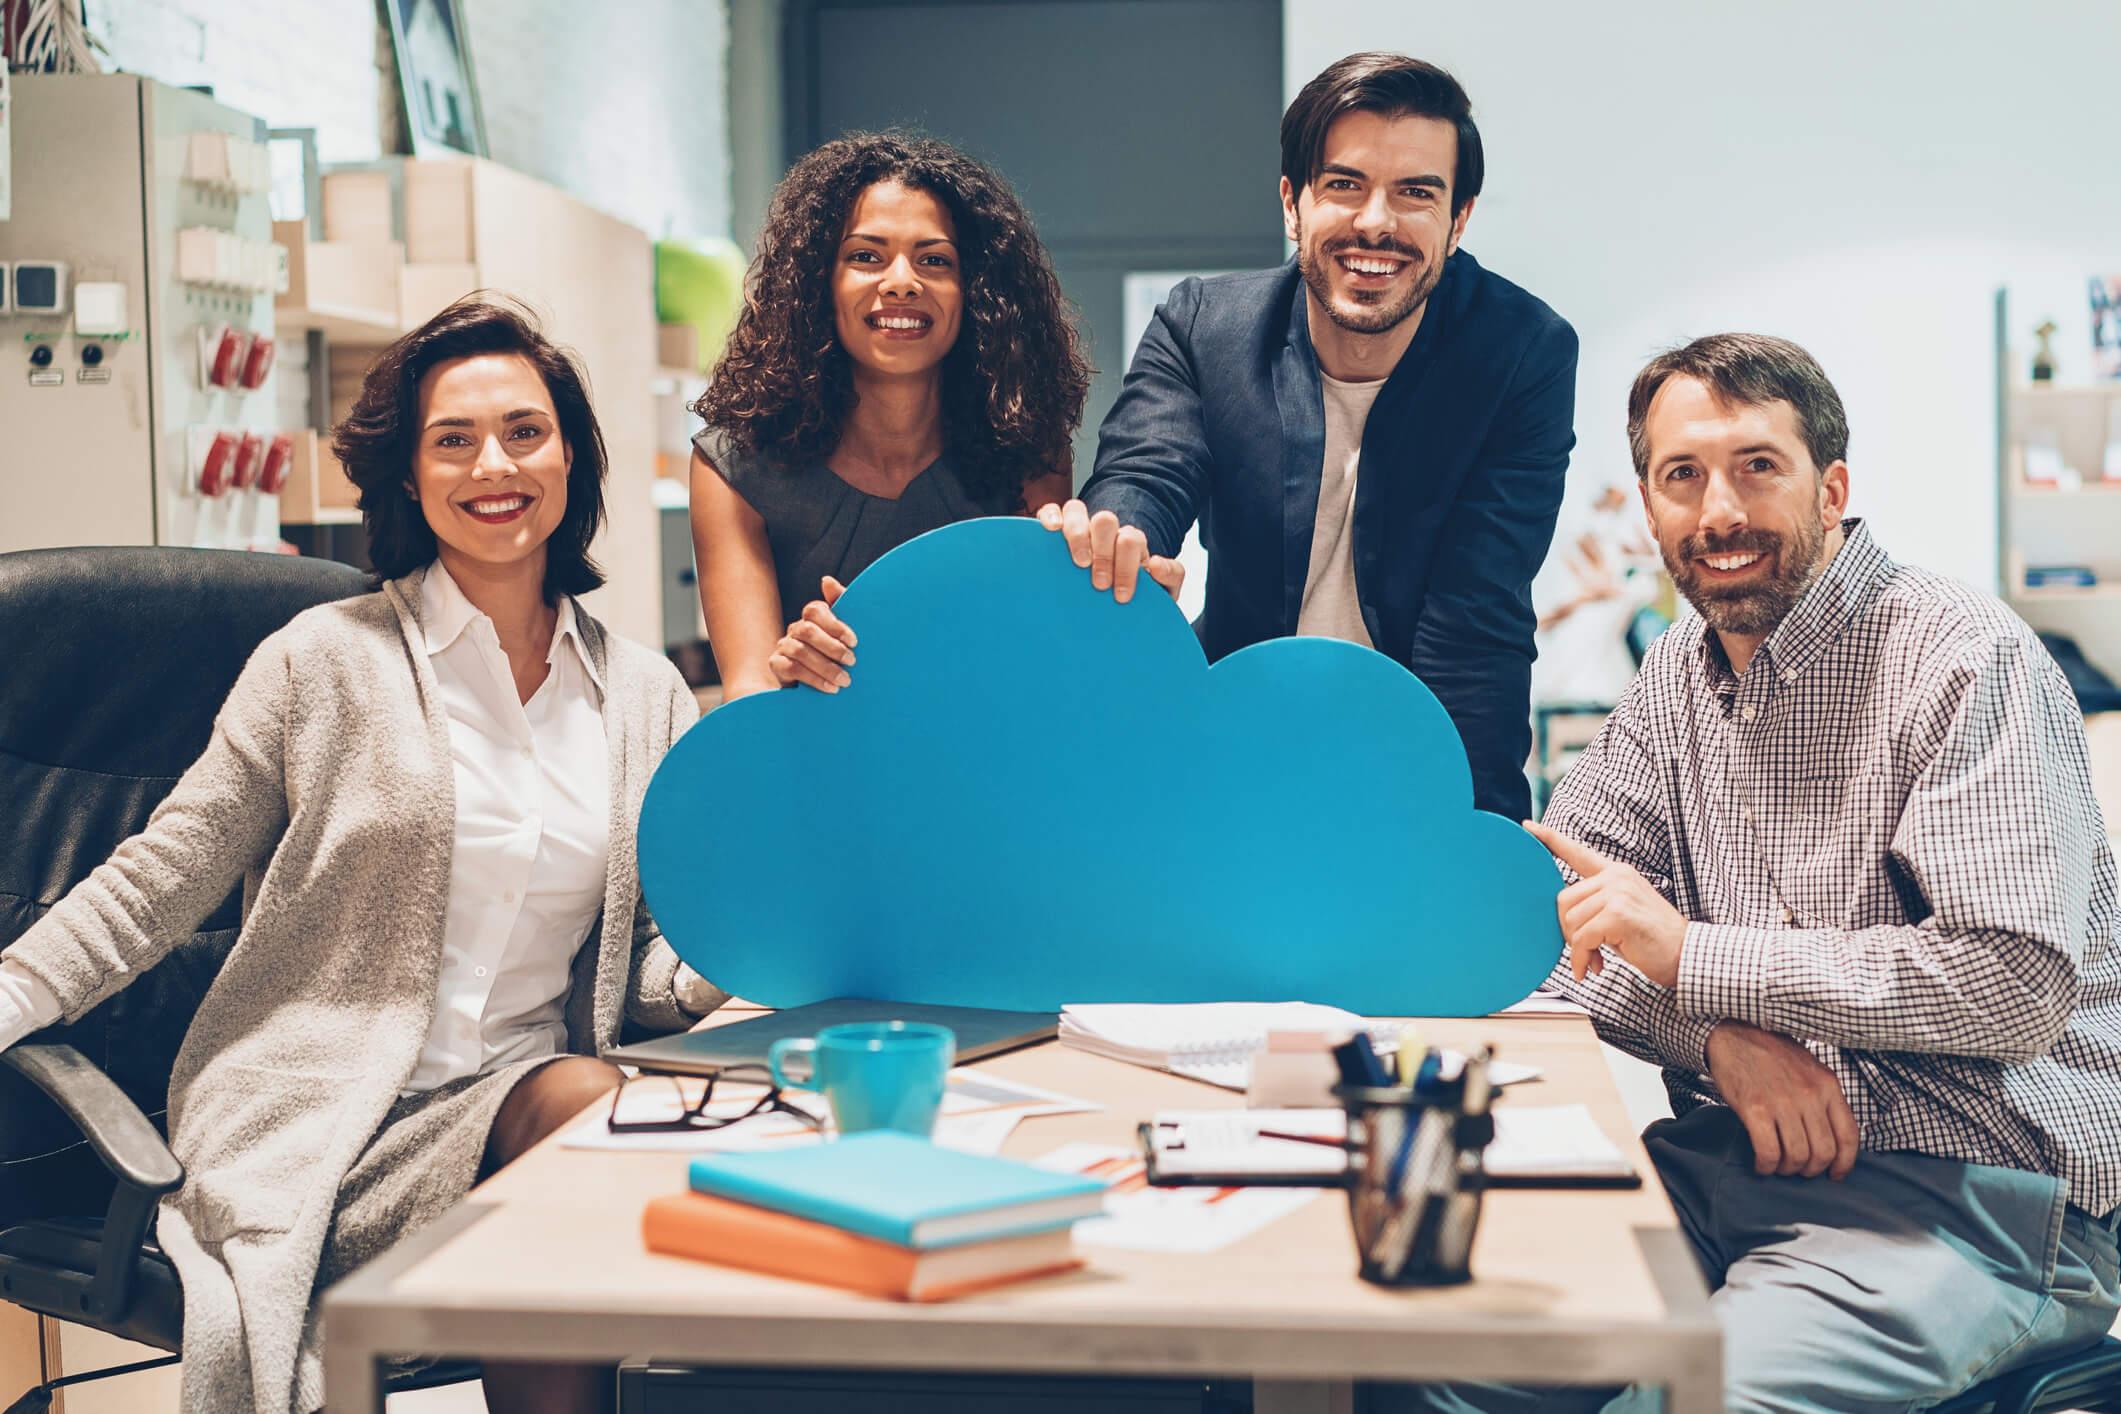 Hotelaria na nuvem: como garantir a segurança de dados dos hóspedes?